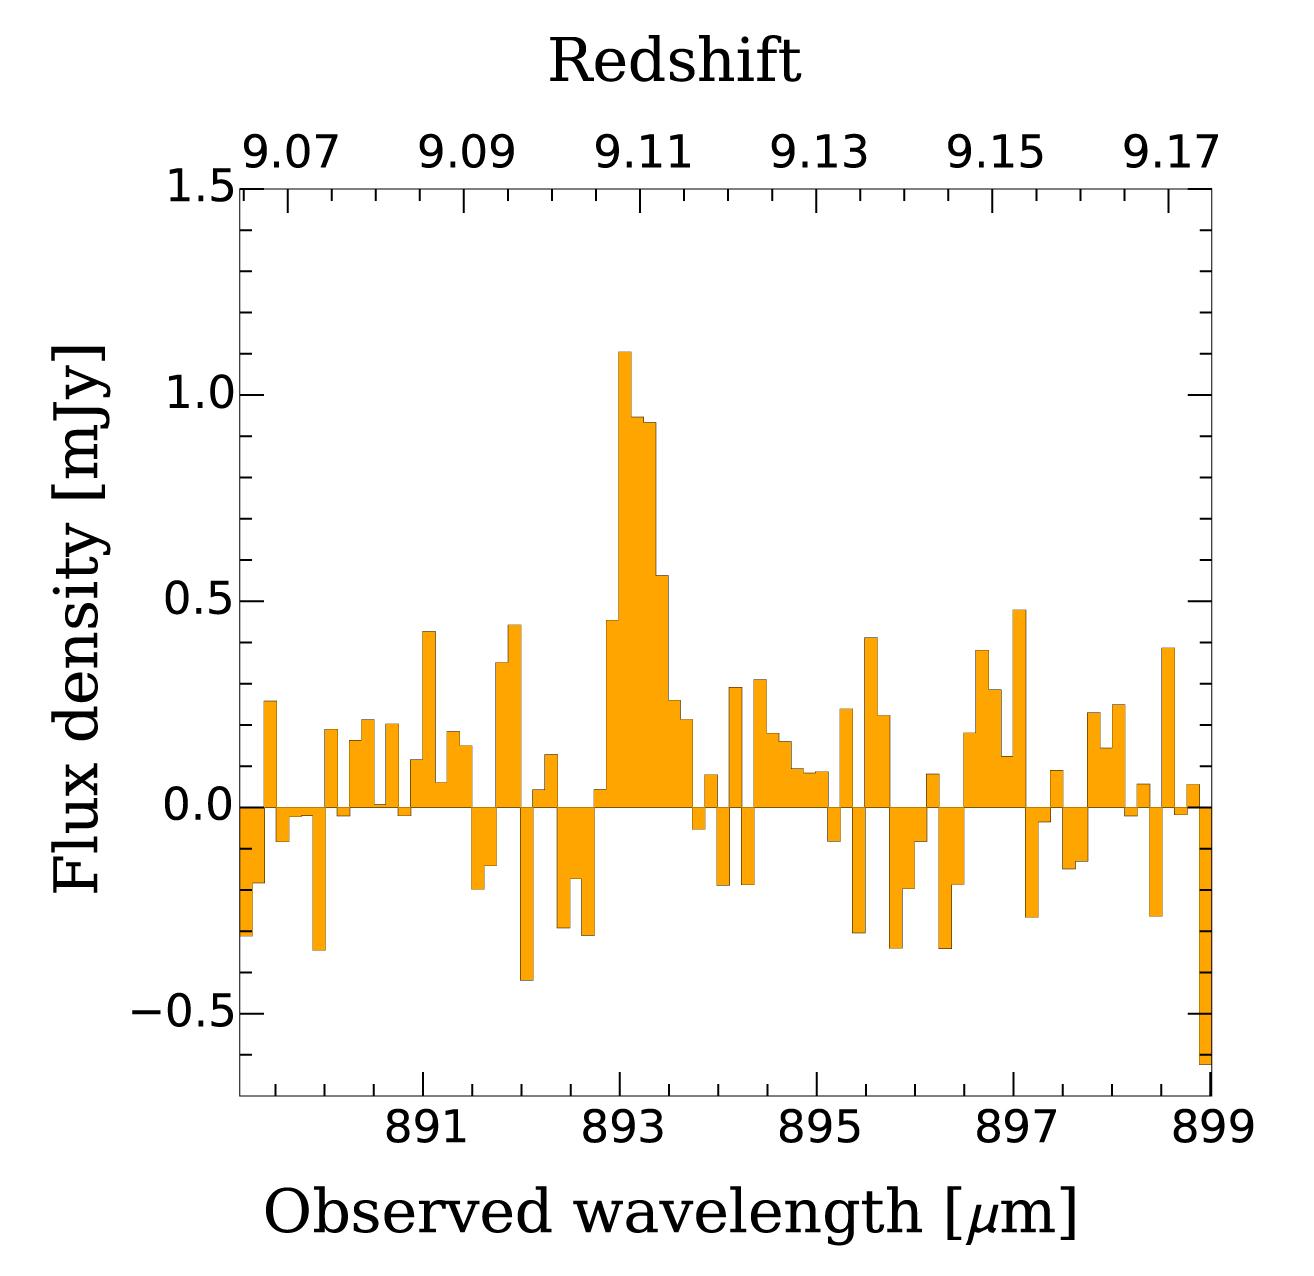 Espectro de microondas de iones de oxígeno en MACS1149-JD1 detectados por ALMA. Originalmente era luz infrarroja a una longitud de onda de 88 micrómetros, y ALMA la detectó como microondas con de 893 micrómetros de longitud debido al efecto de la expansión del Universo. Créditos: Hashimoto et al. - ALMA (ESO/NAOJ/NRAO)